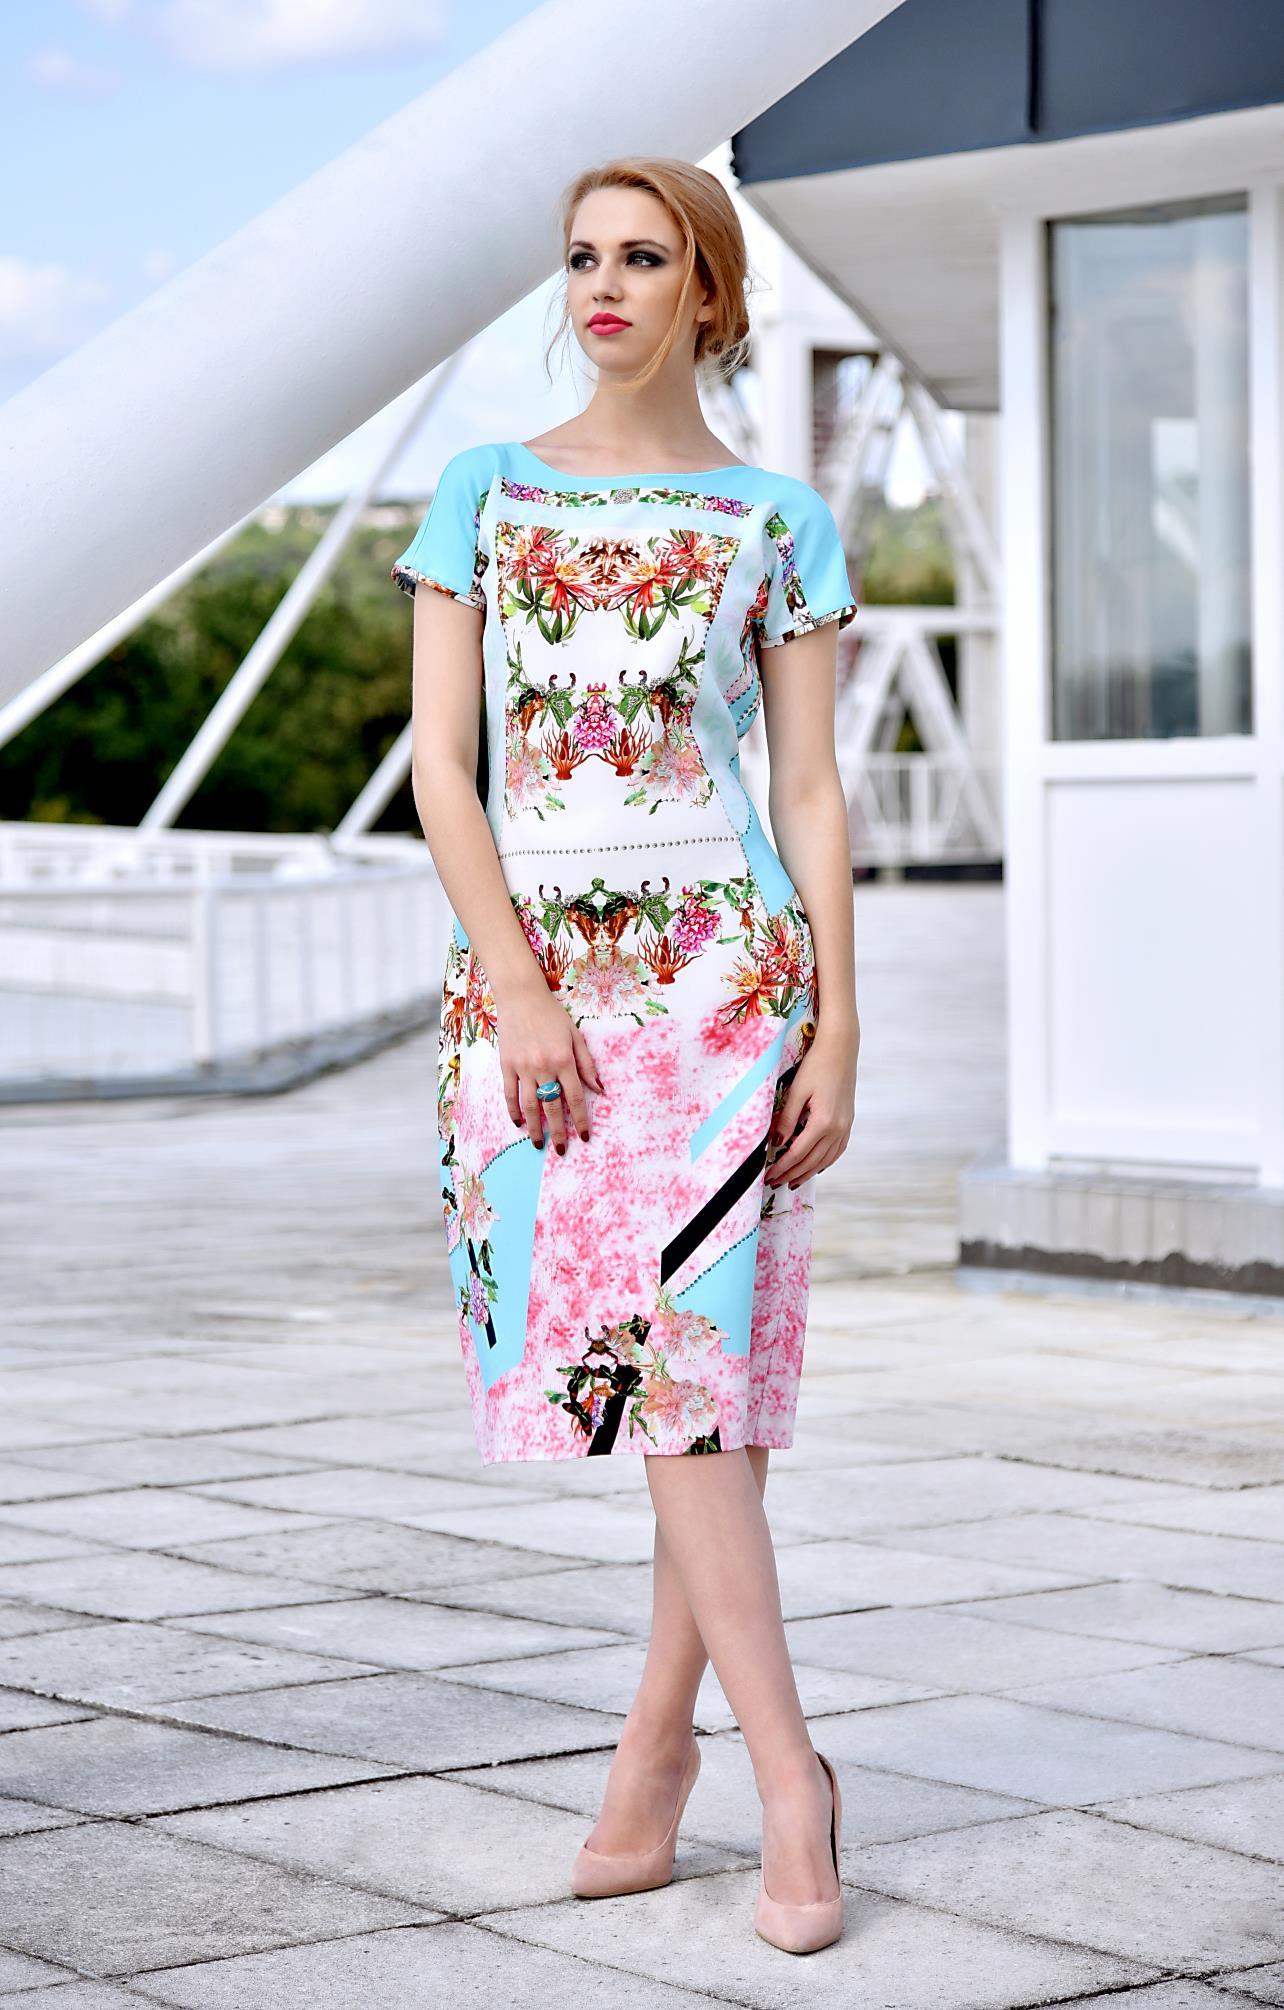 Fotografie pro model – Tyrkysové šaty skvětinami